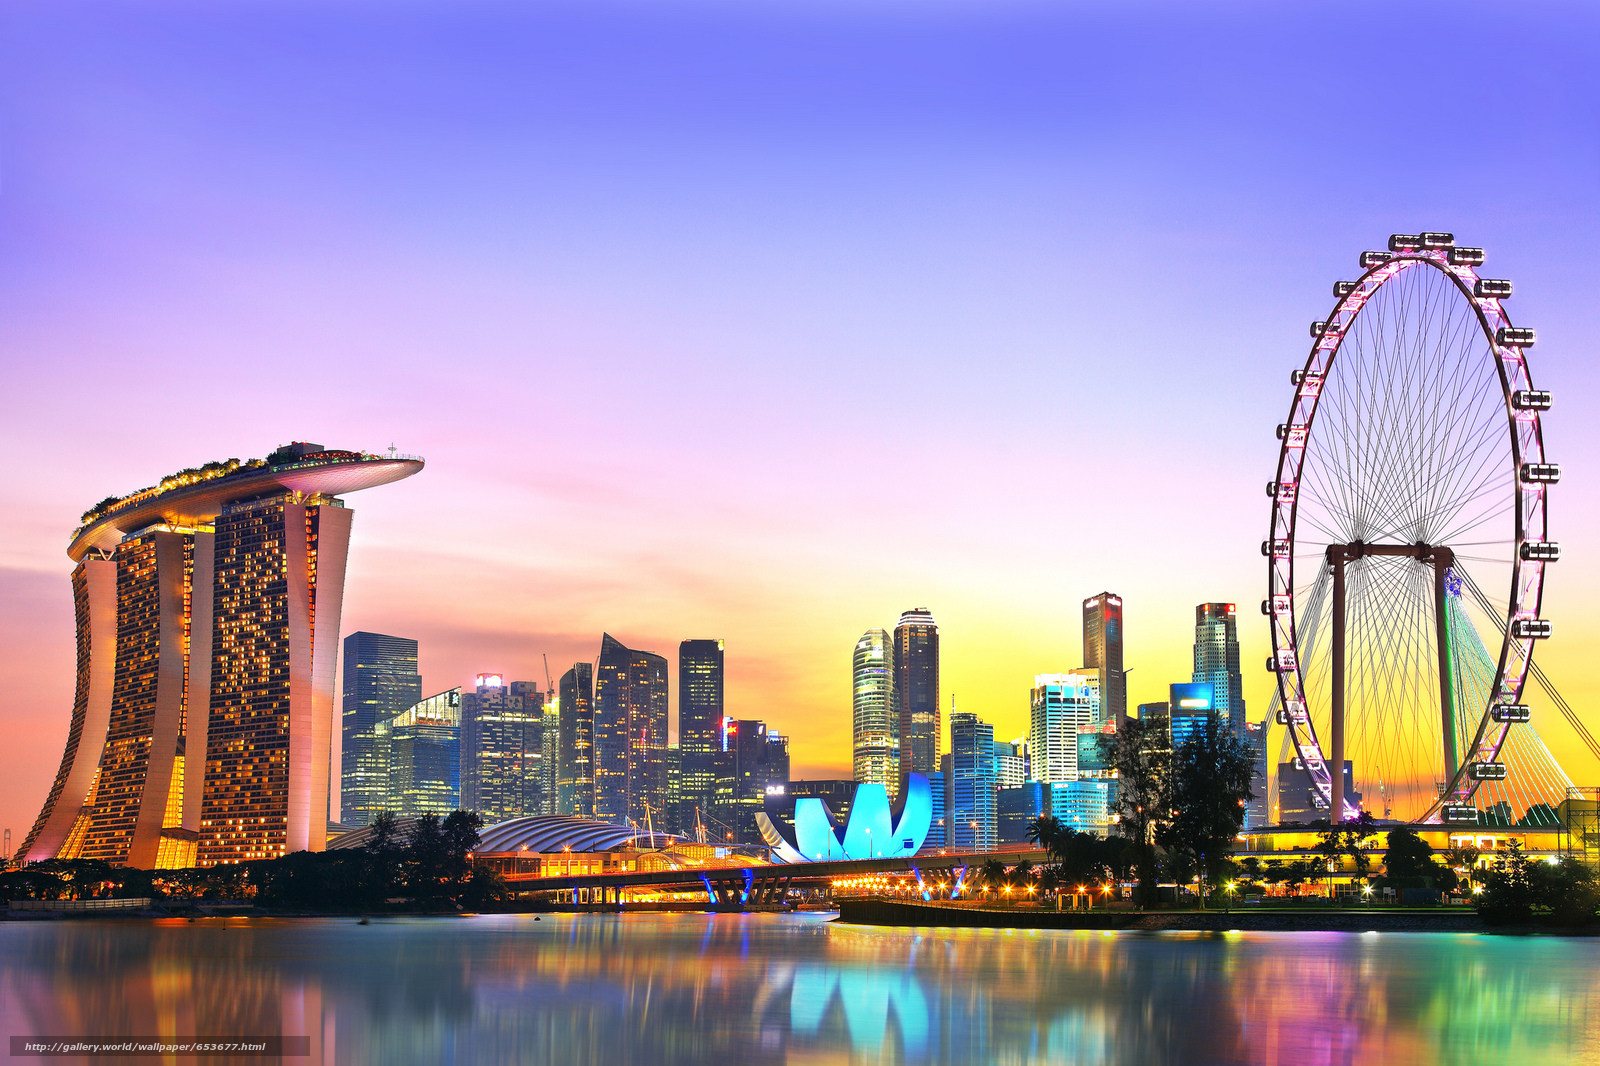 Скачать обои Сингапур,  Singapore,  город бесплатно для рабочего стола в разрешении 2048x1365 — картинка №653677